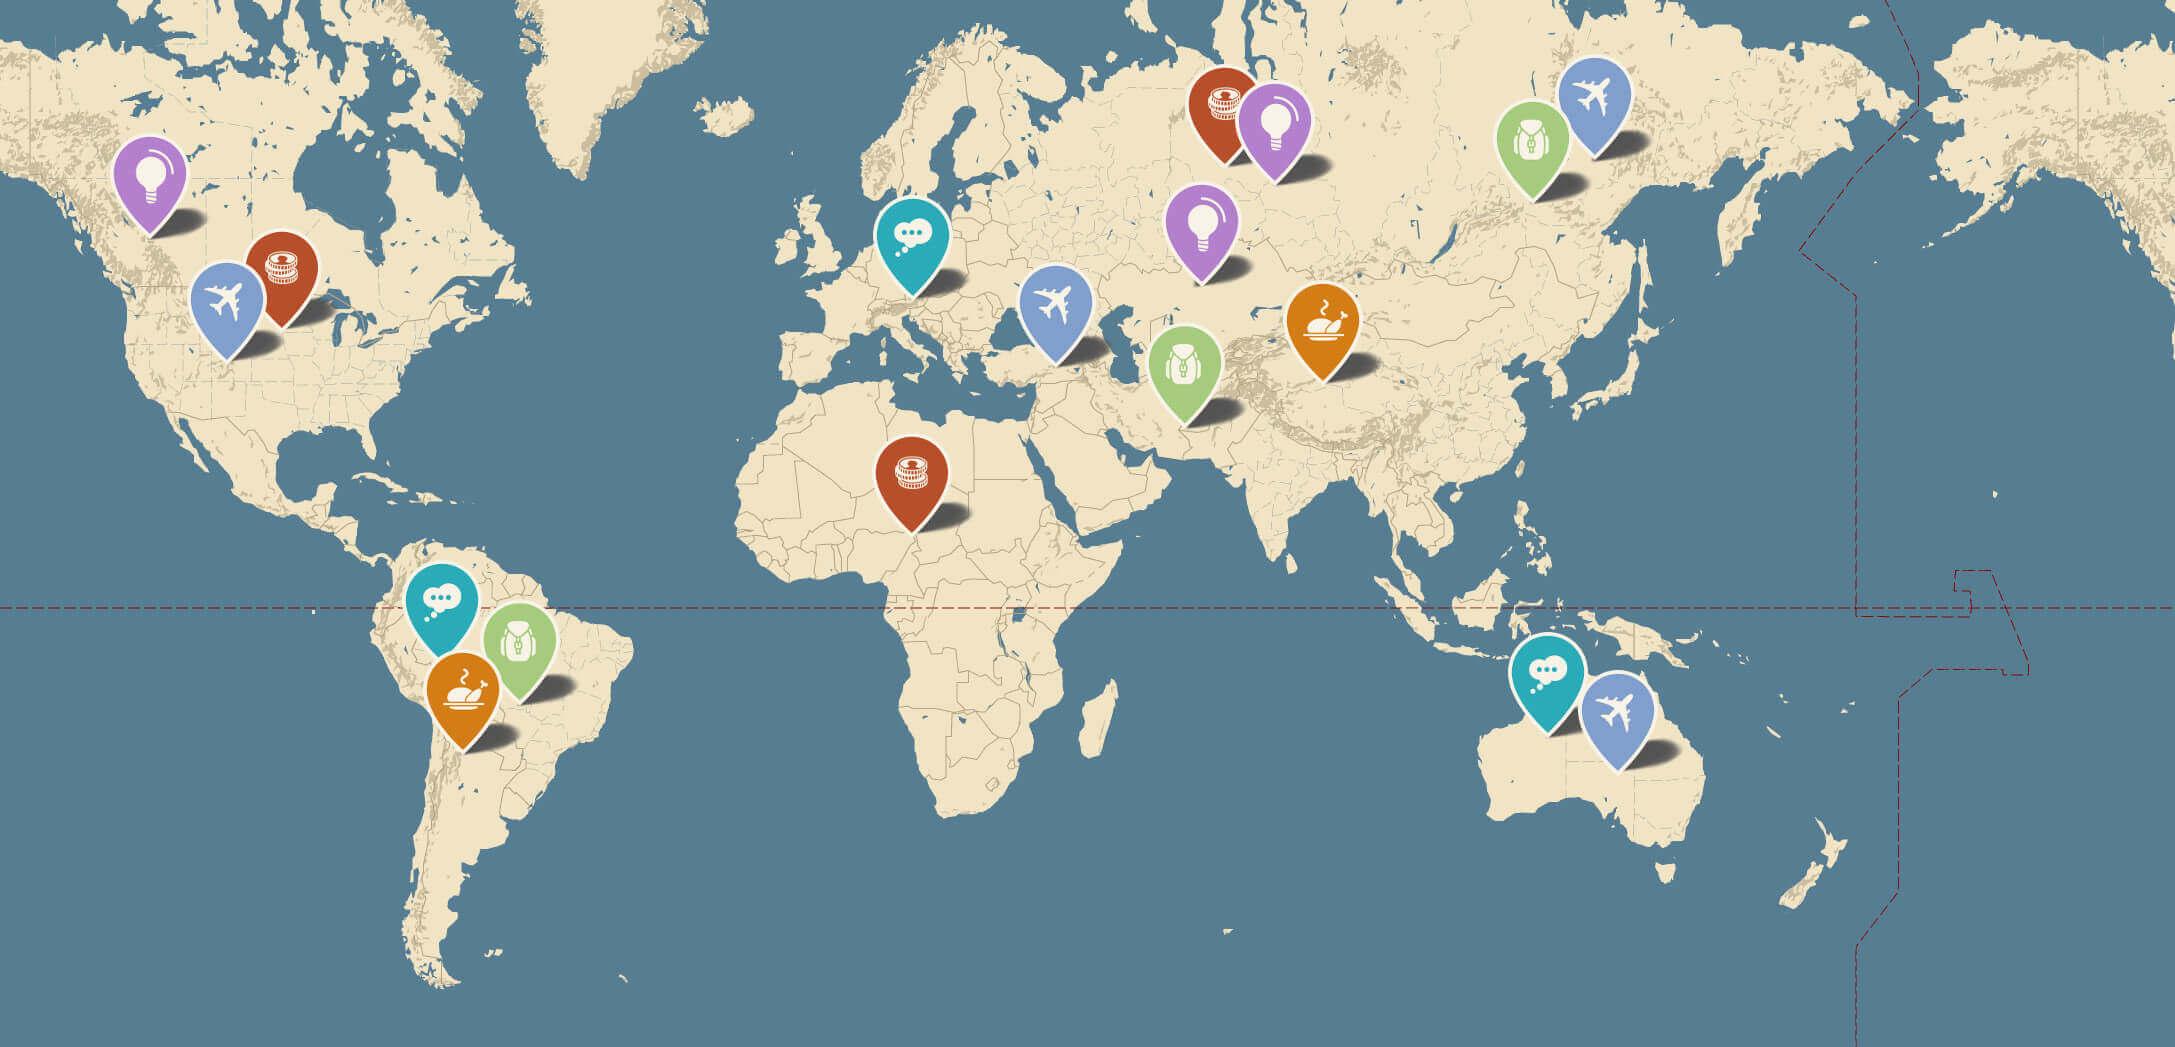 Novo-Map : Plugin Wordpress Pour Créer Des Google Maps à Carte Du Monde À Compléter En Ligne